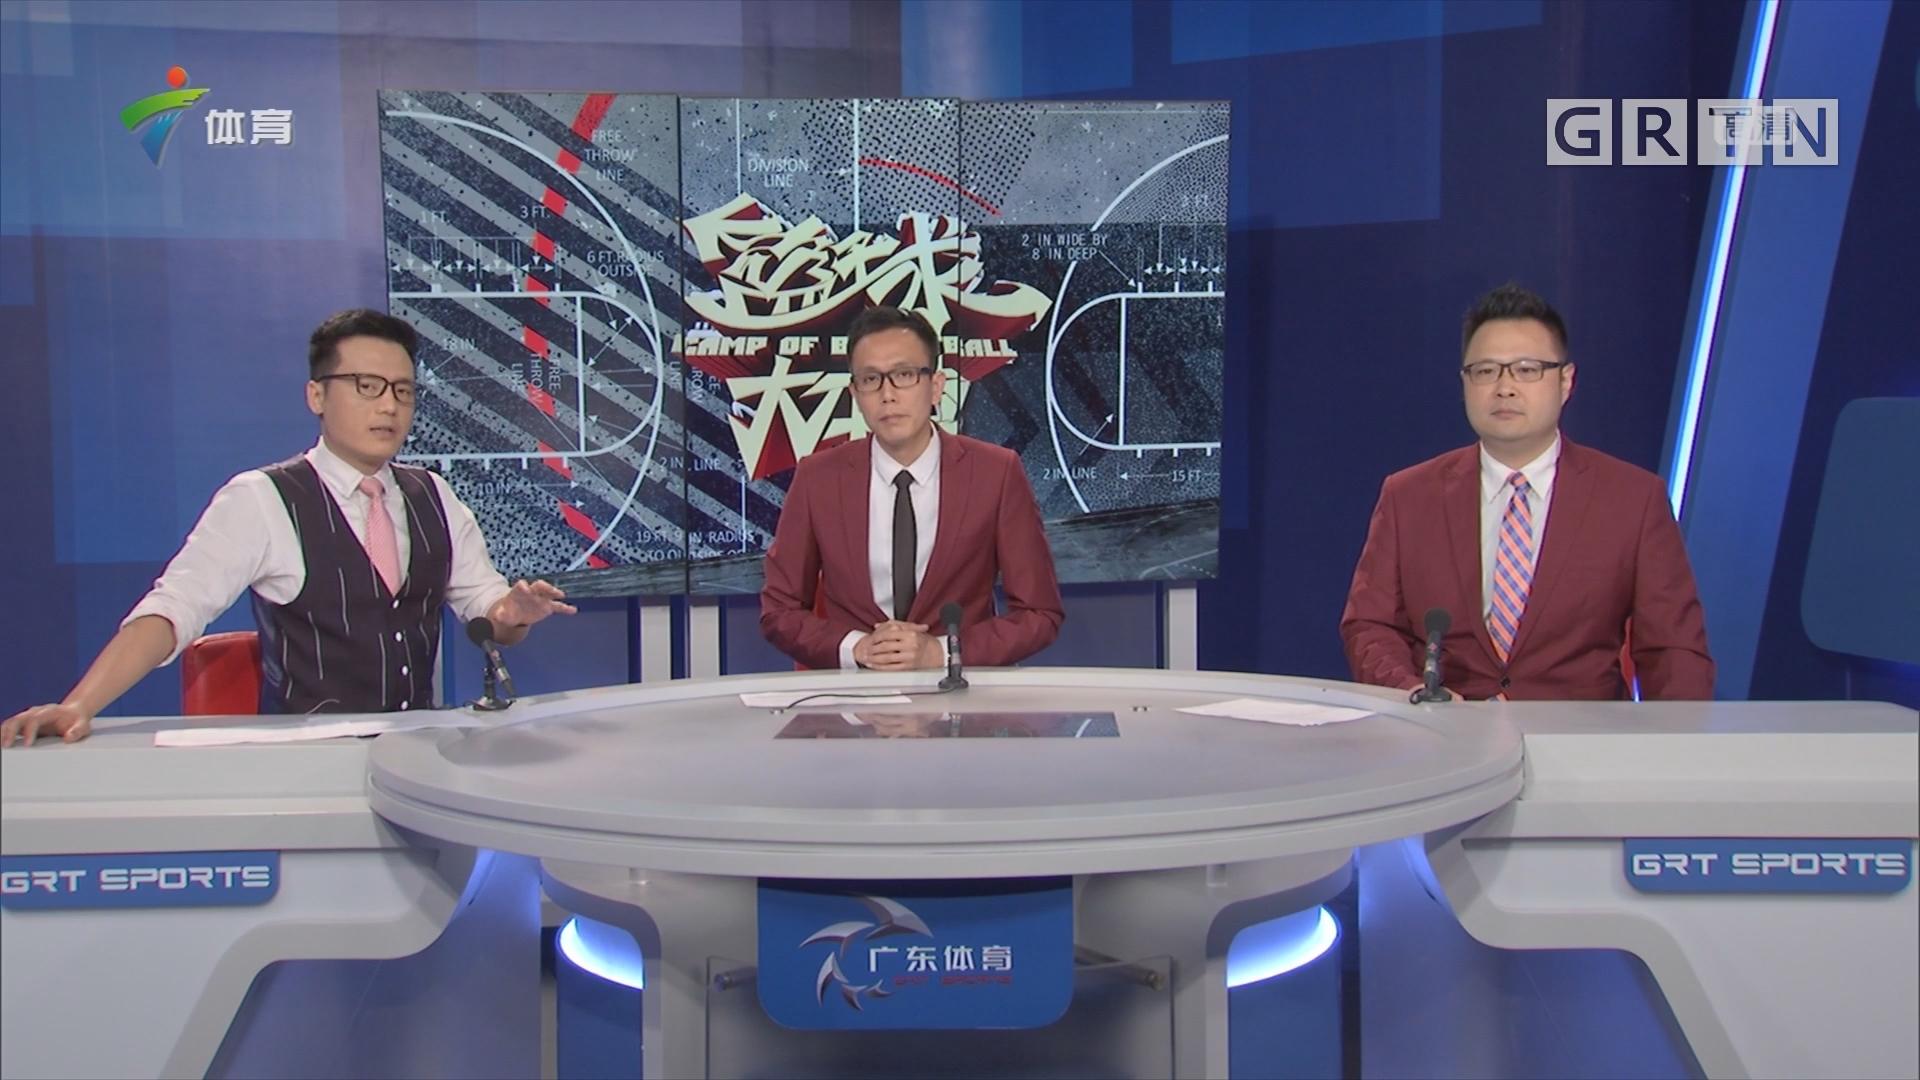 话题:广东队轮换阵容短缺,赛场上用人考验教练智慧